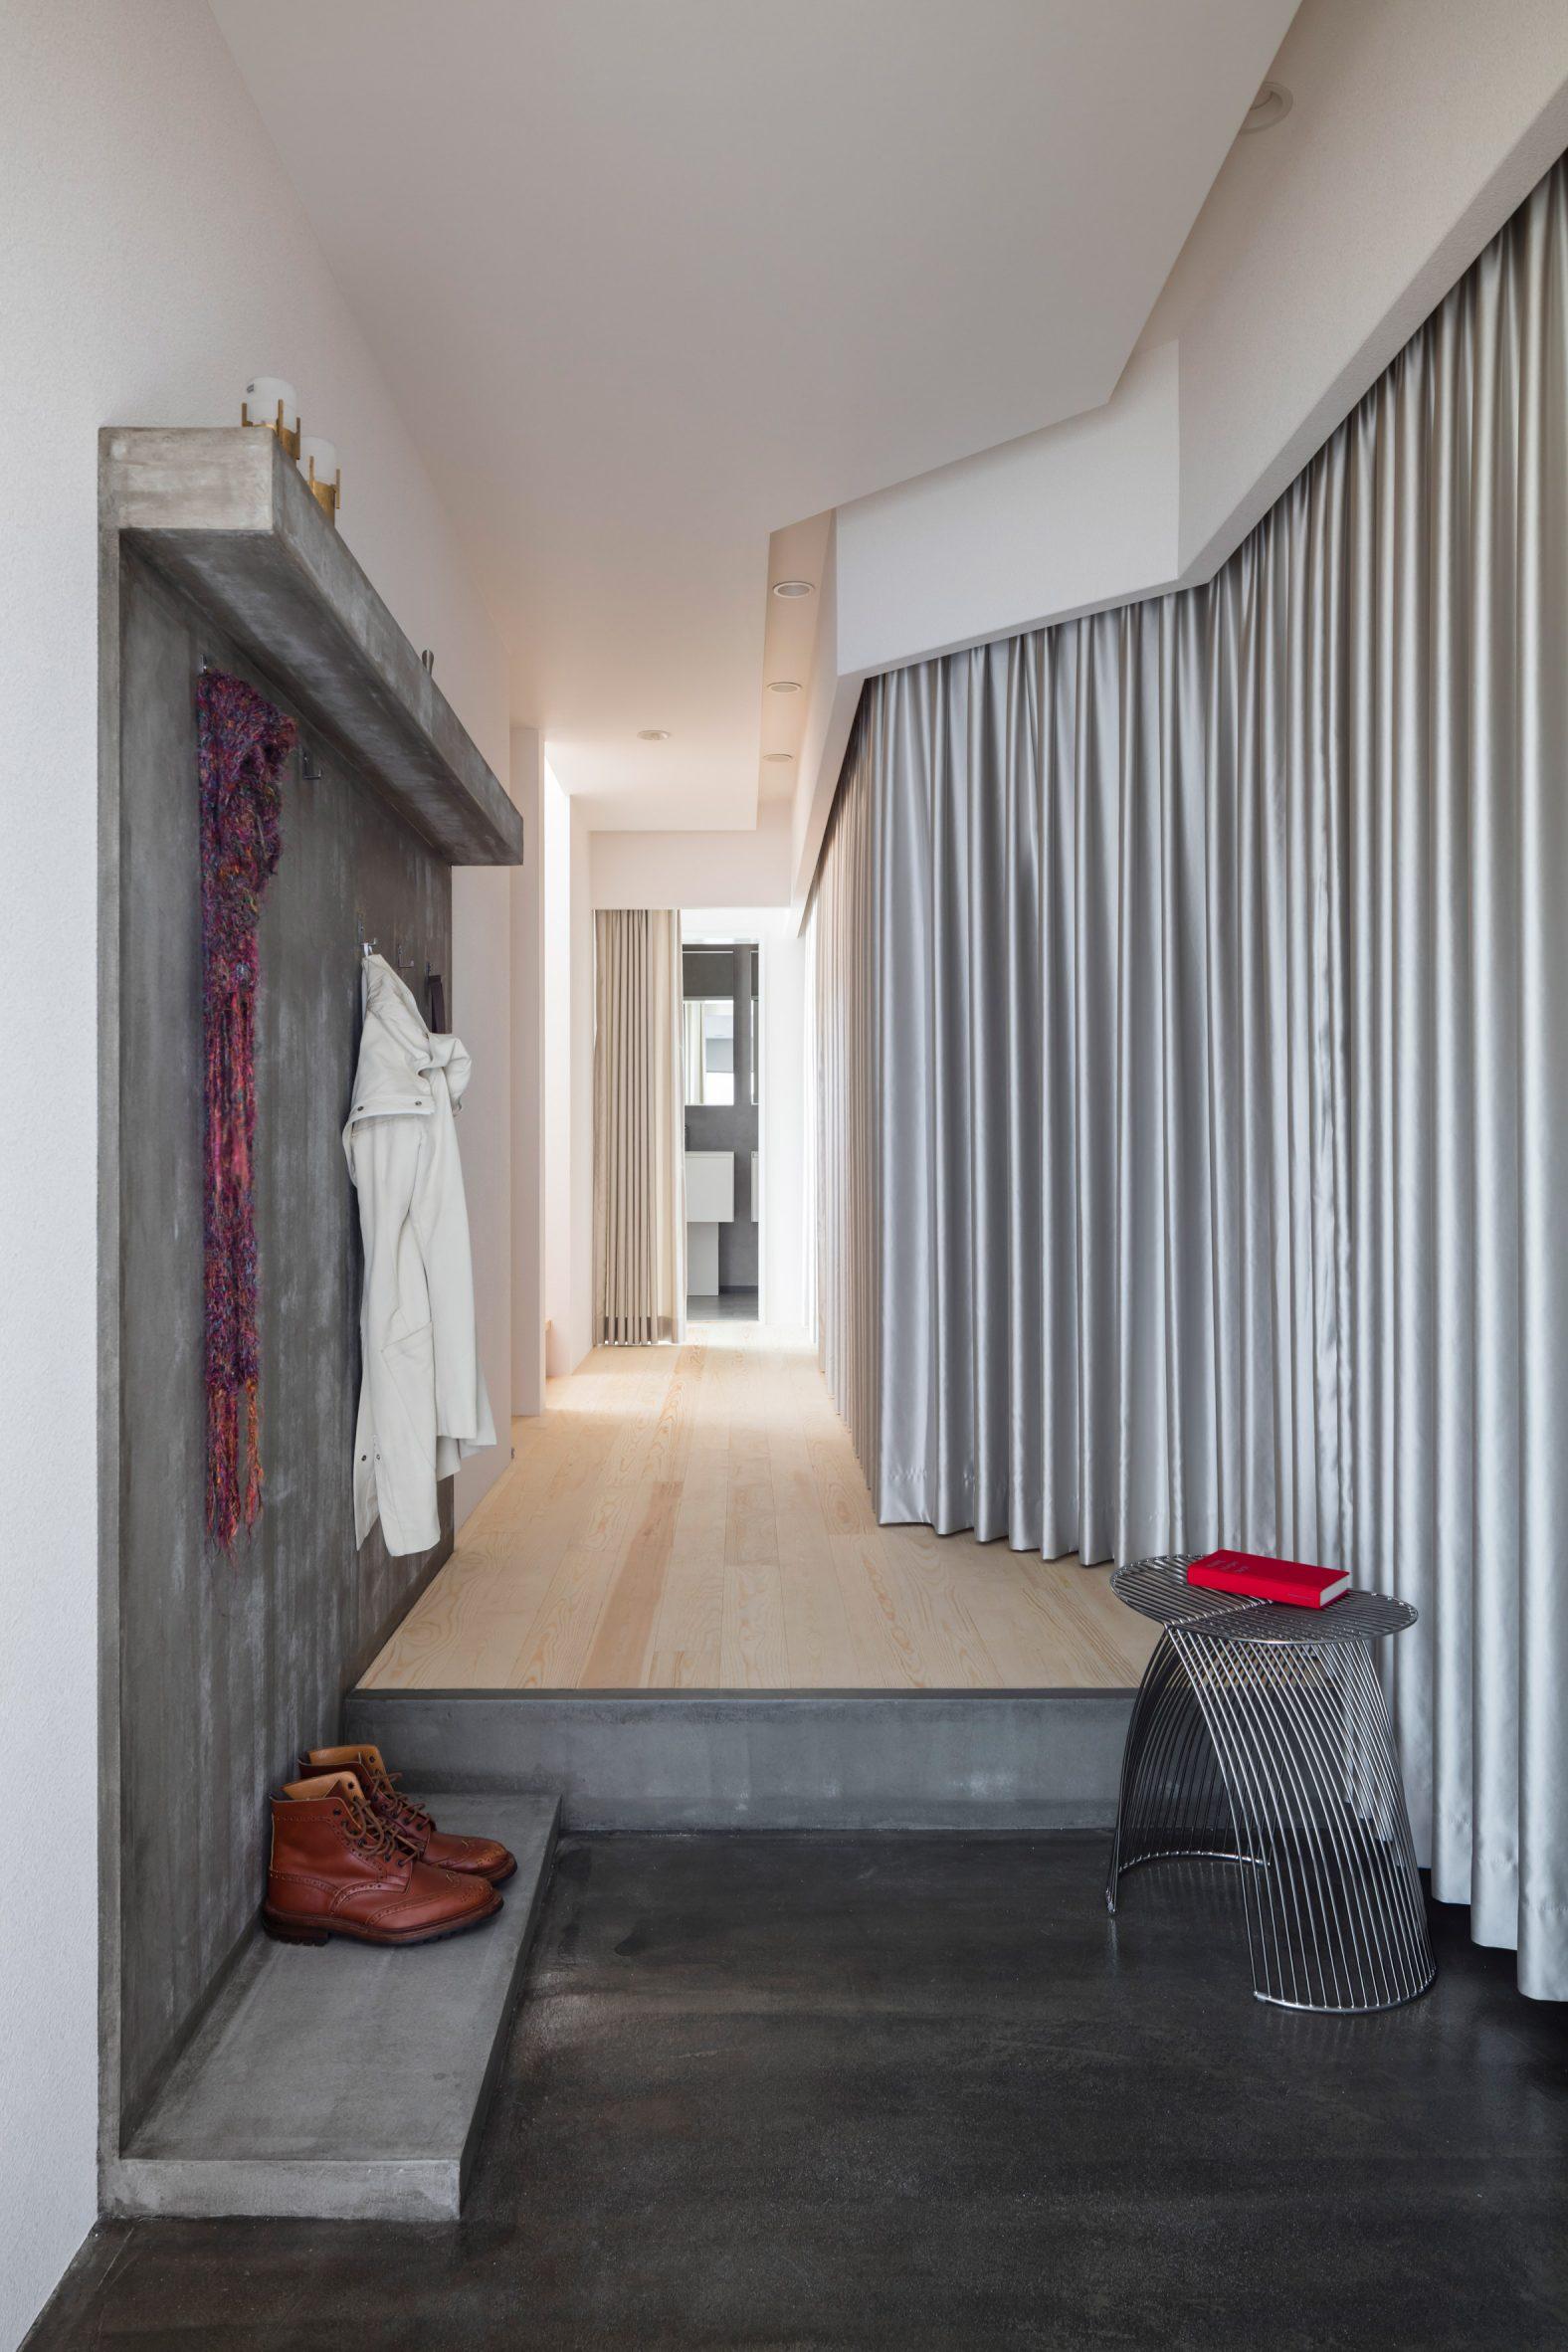 A residential hallway